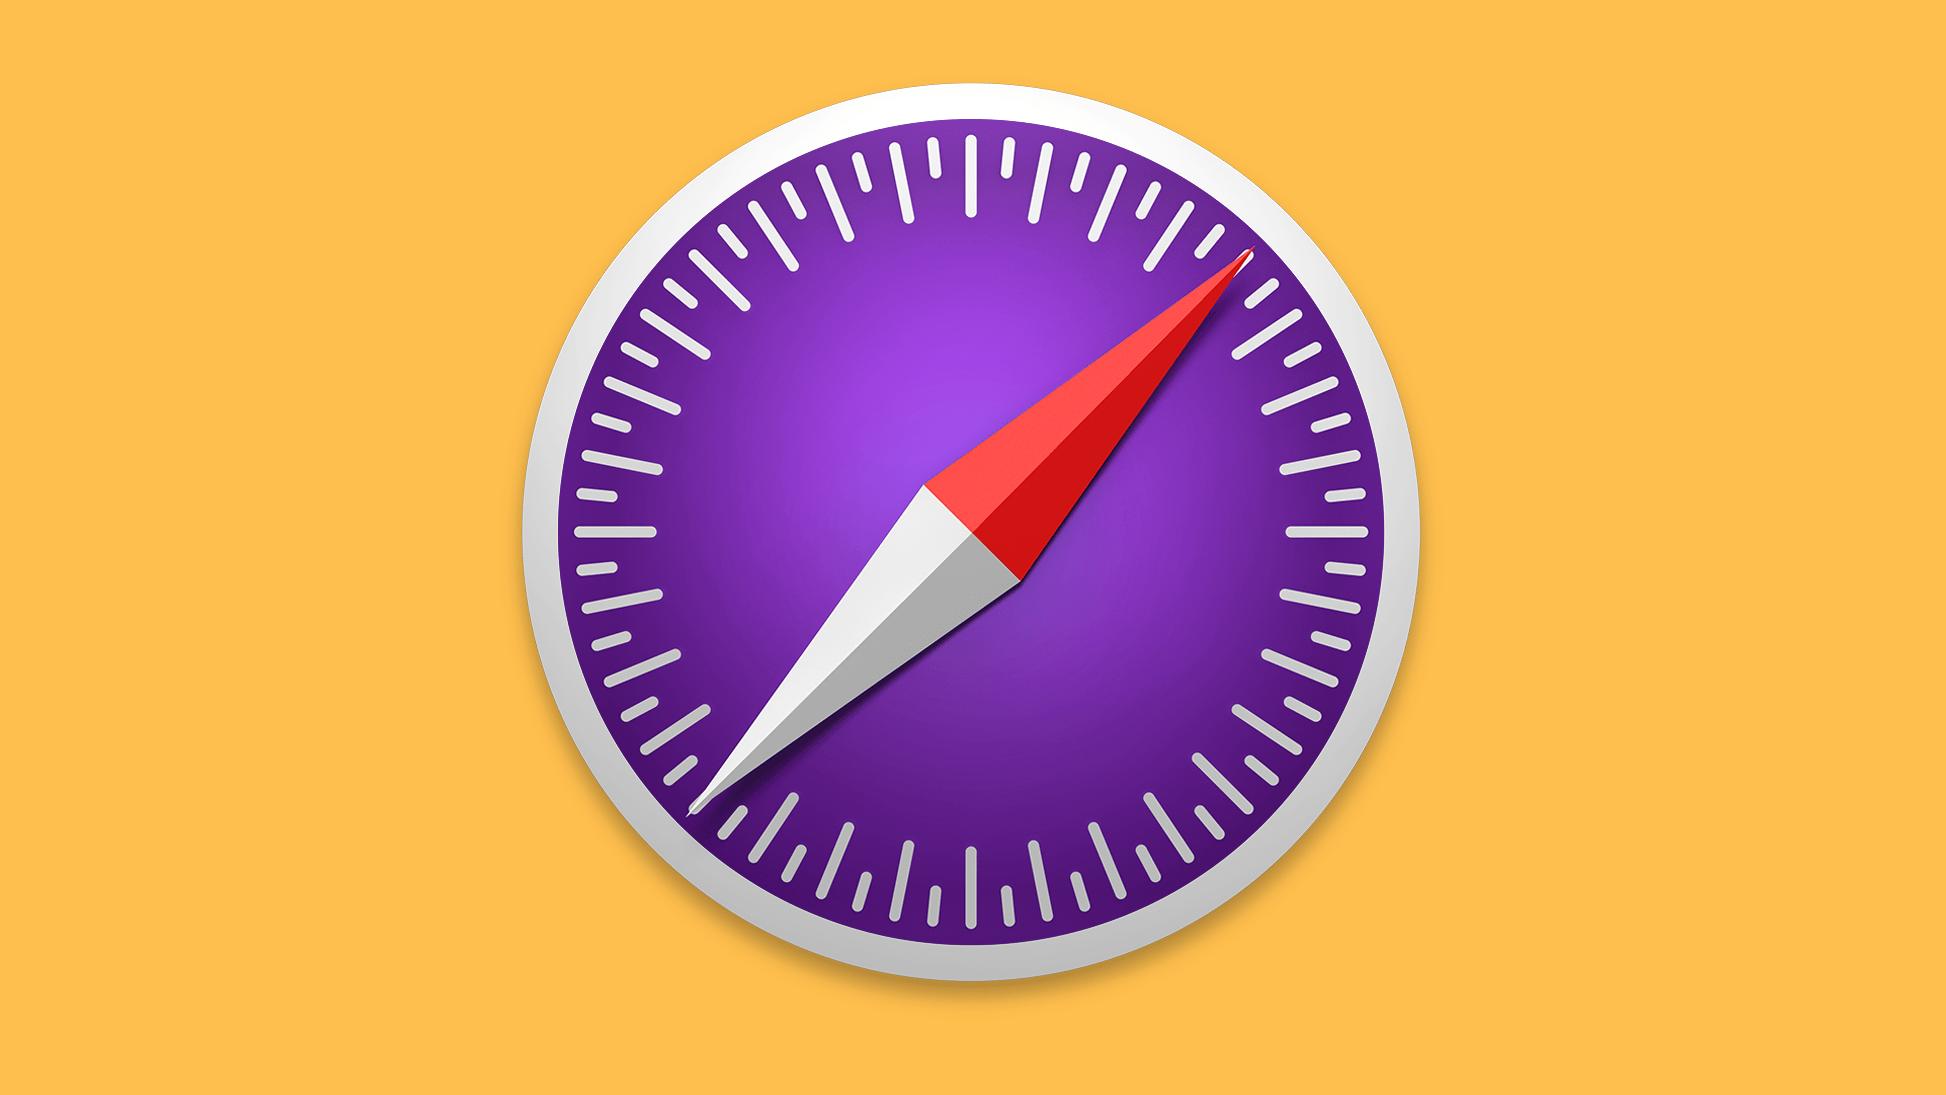 Safari Technology Preview 16x9